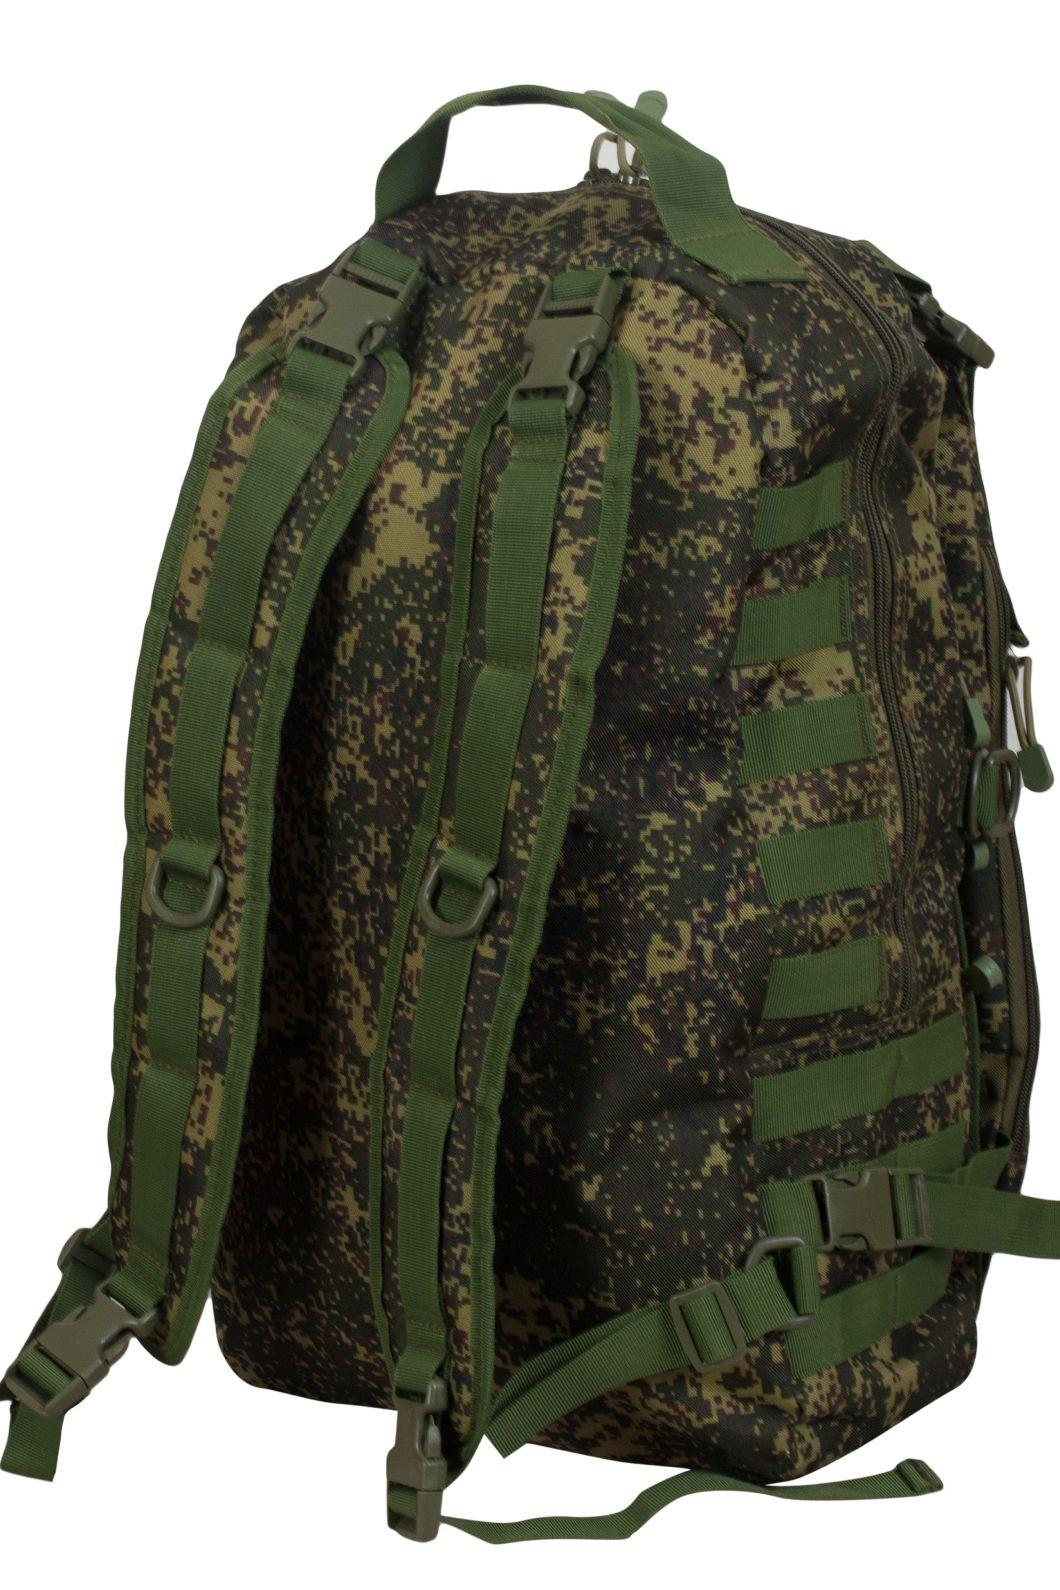 Трендовый вместительный рюкзак с нашивкой Лучший Охотник - купить в подарок